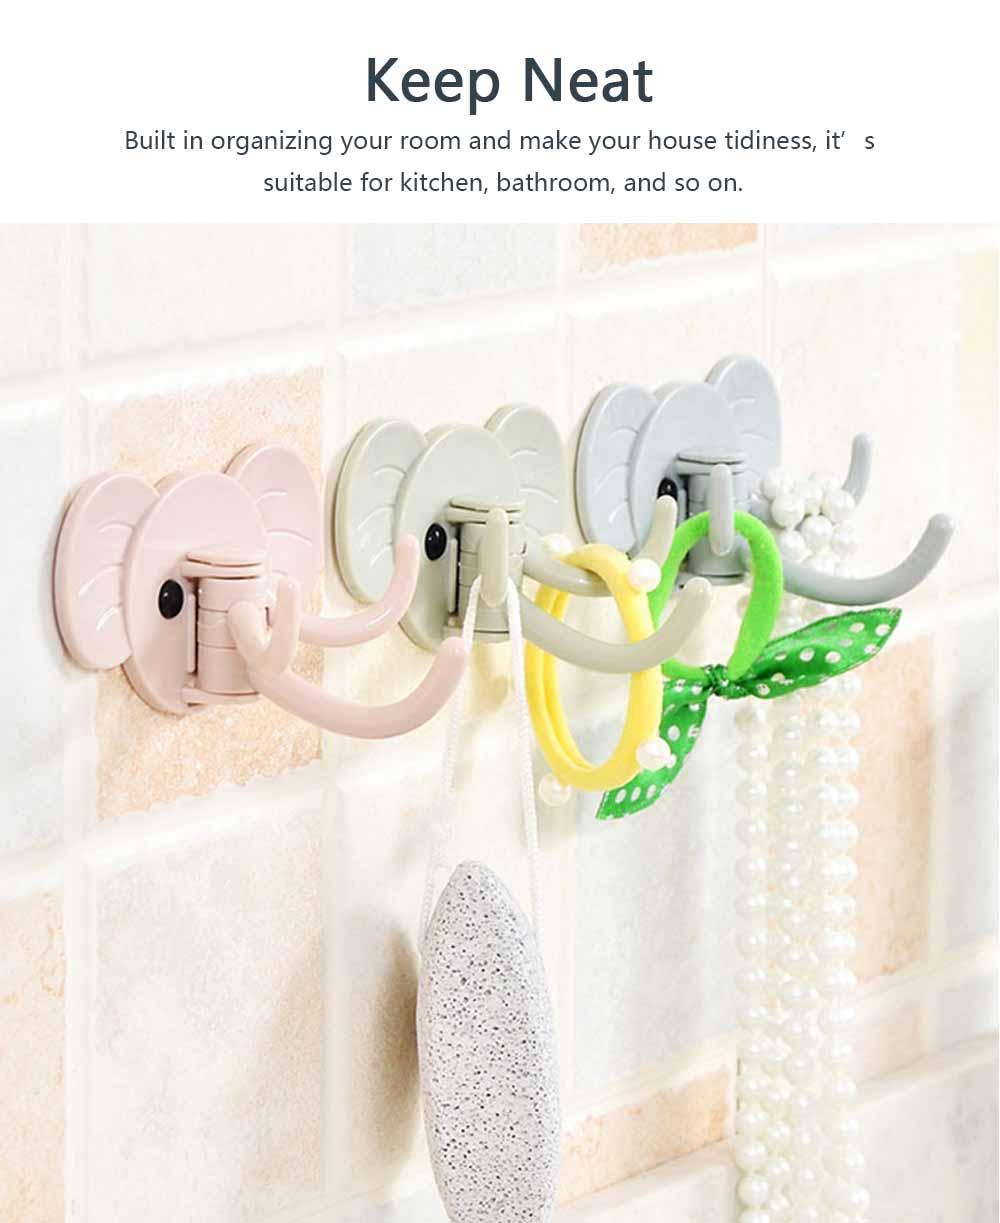 Cute Elephant Wall Sticky Hooks, Punch-Free, Waterproof Kitchen Bathroom Door Wall Hooks 2